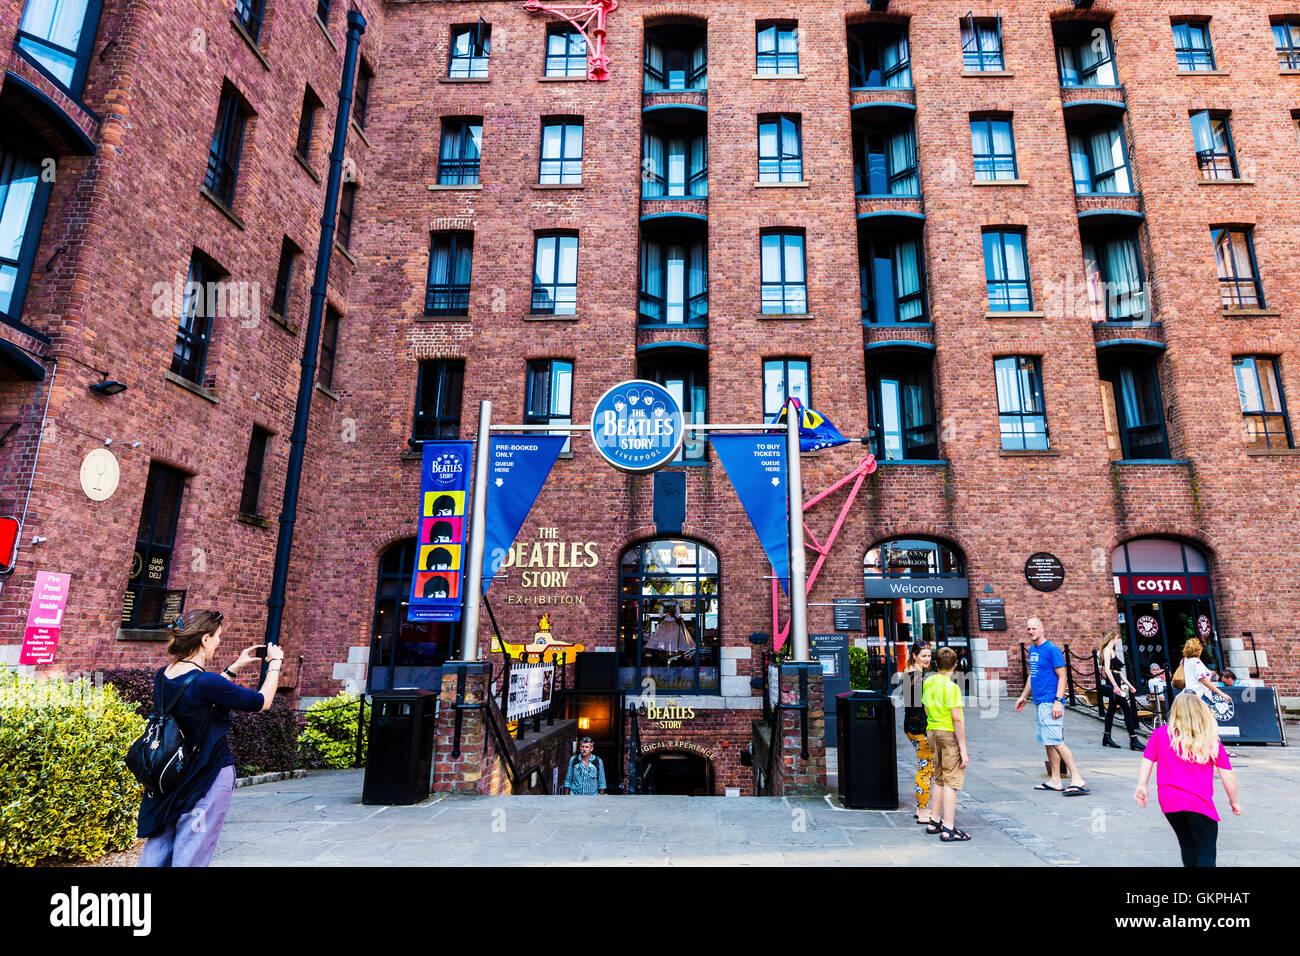 Il Beatles Story è una attrazione turistica dedicata agli anni sessanta del gruppo rock The Beatles in Liverpool. Immagini Stock